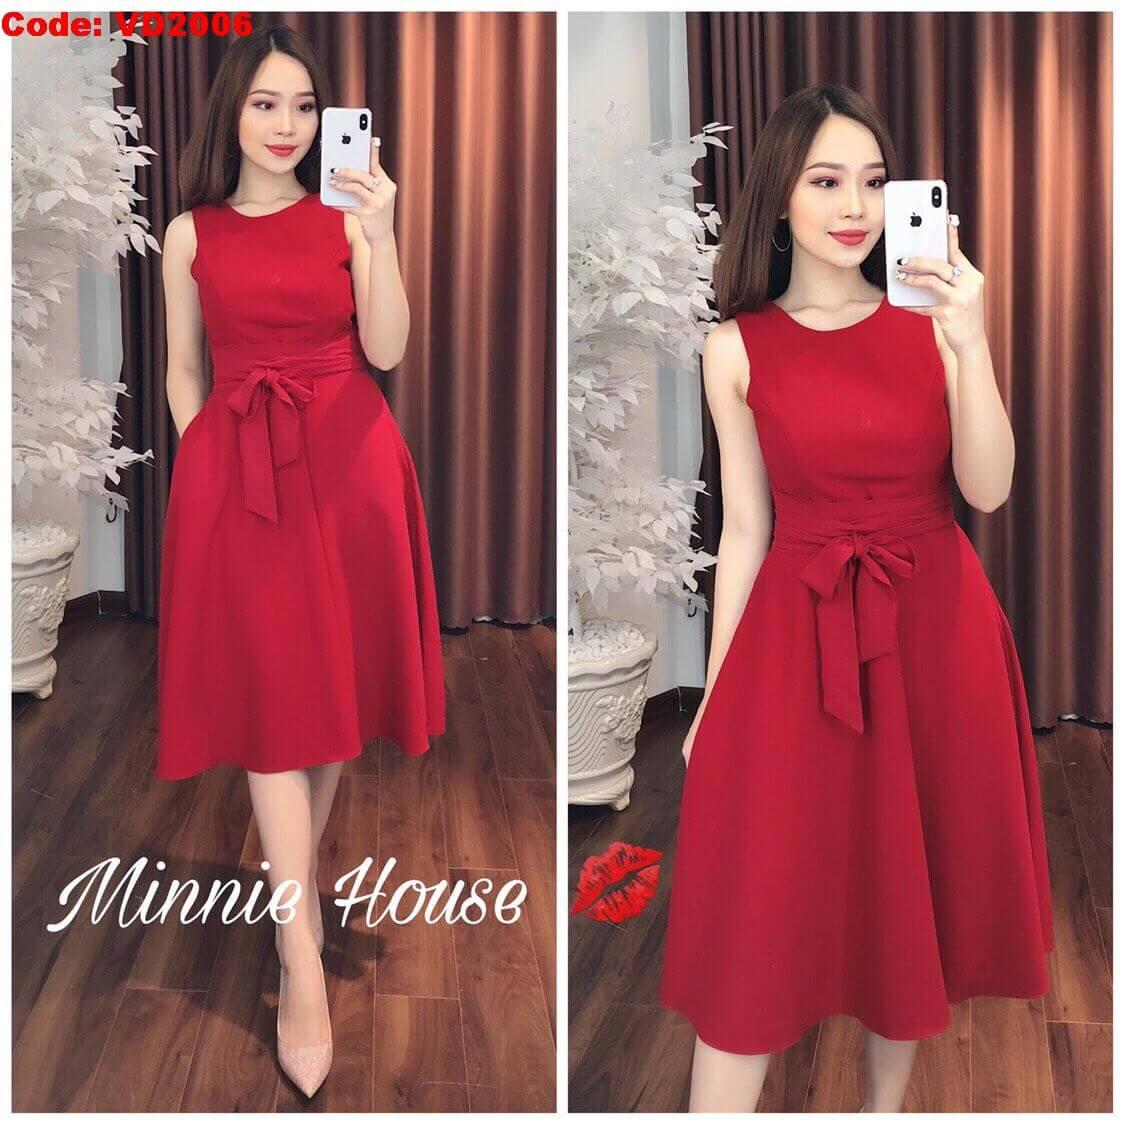 Váy lụa đỏ buộc eo Nguồn hình: Minnie house